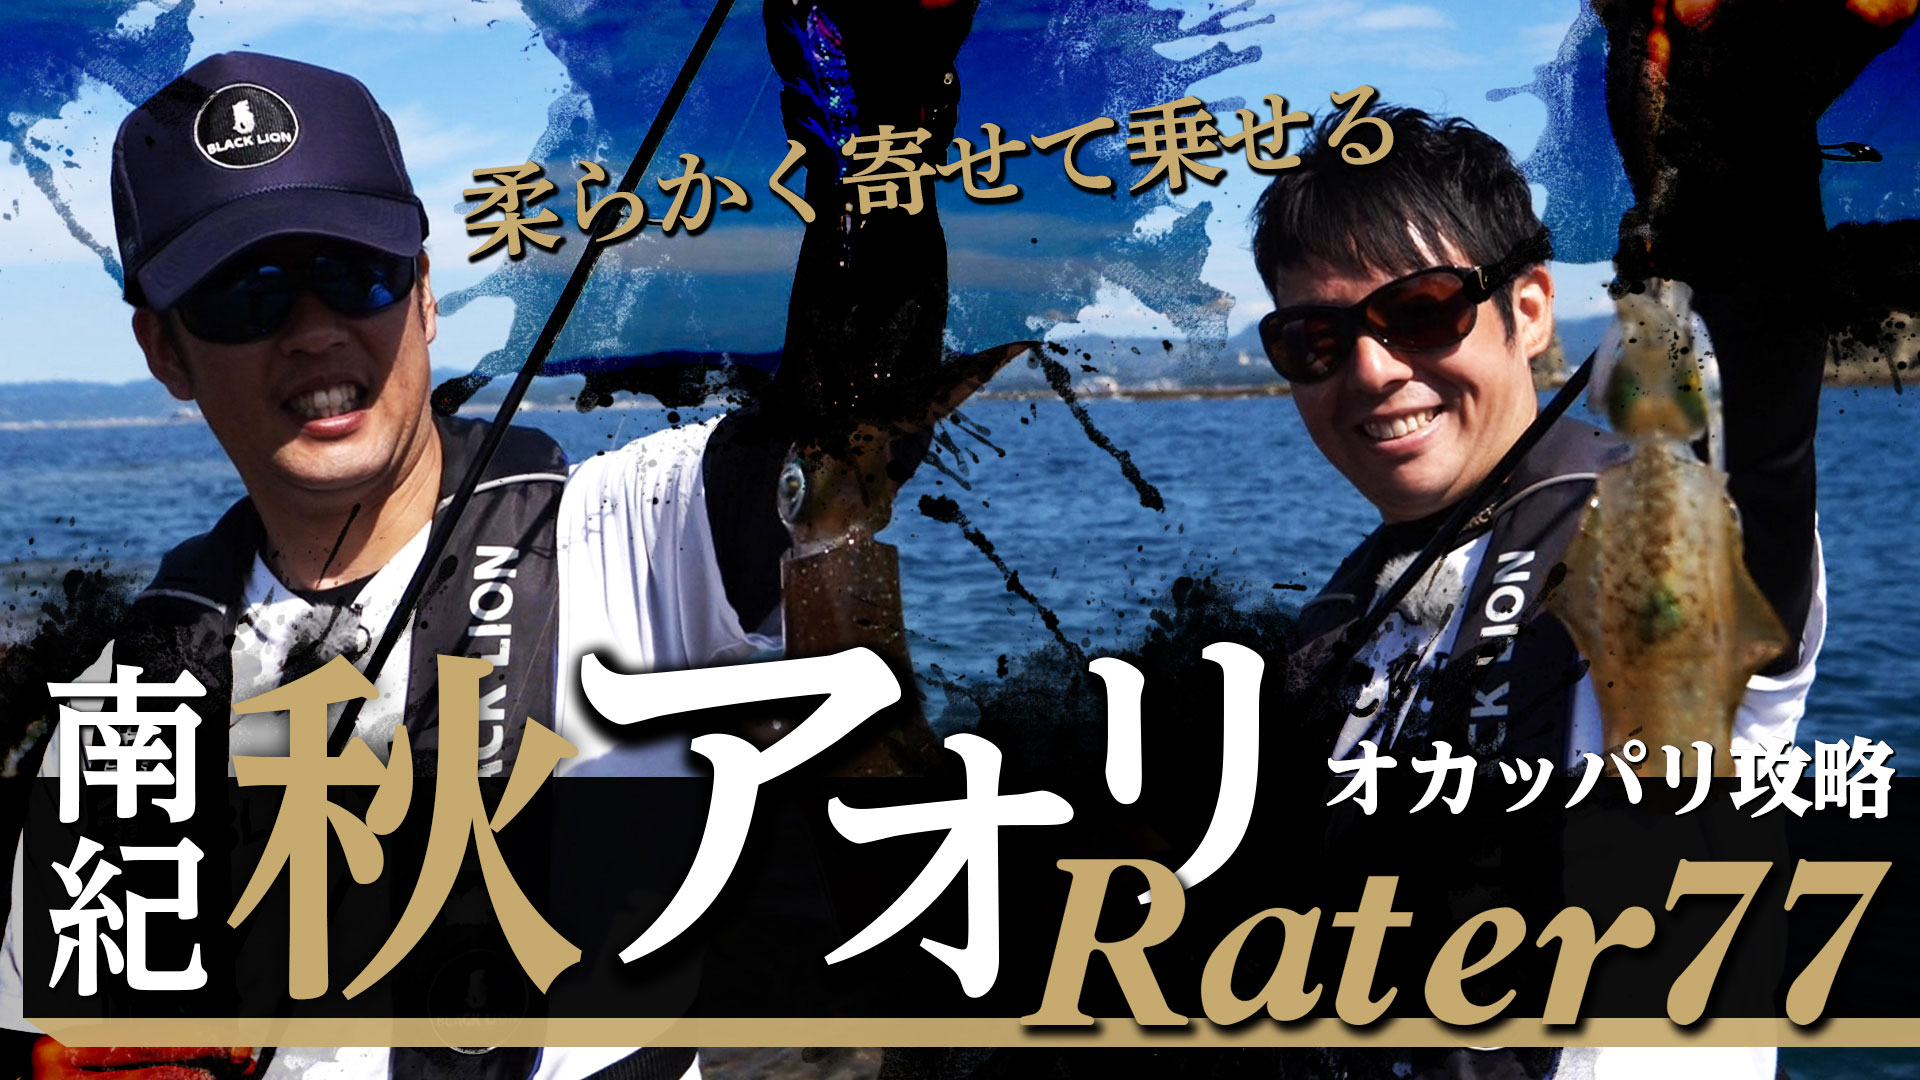 秋イカ 次世代エギングロッドRater77【 実釣編 】ラーテル77 キャスト&シャクリ